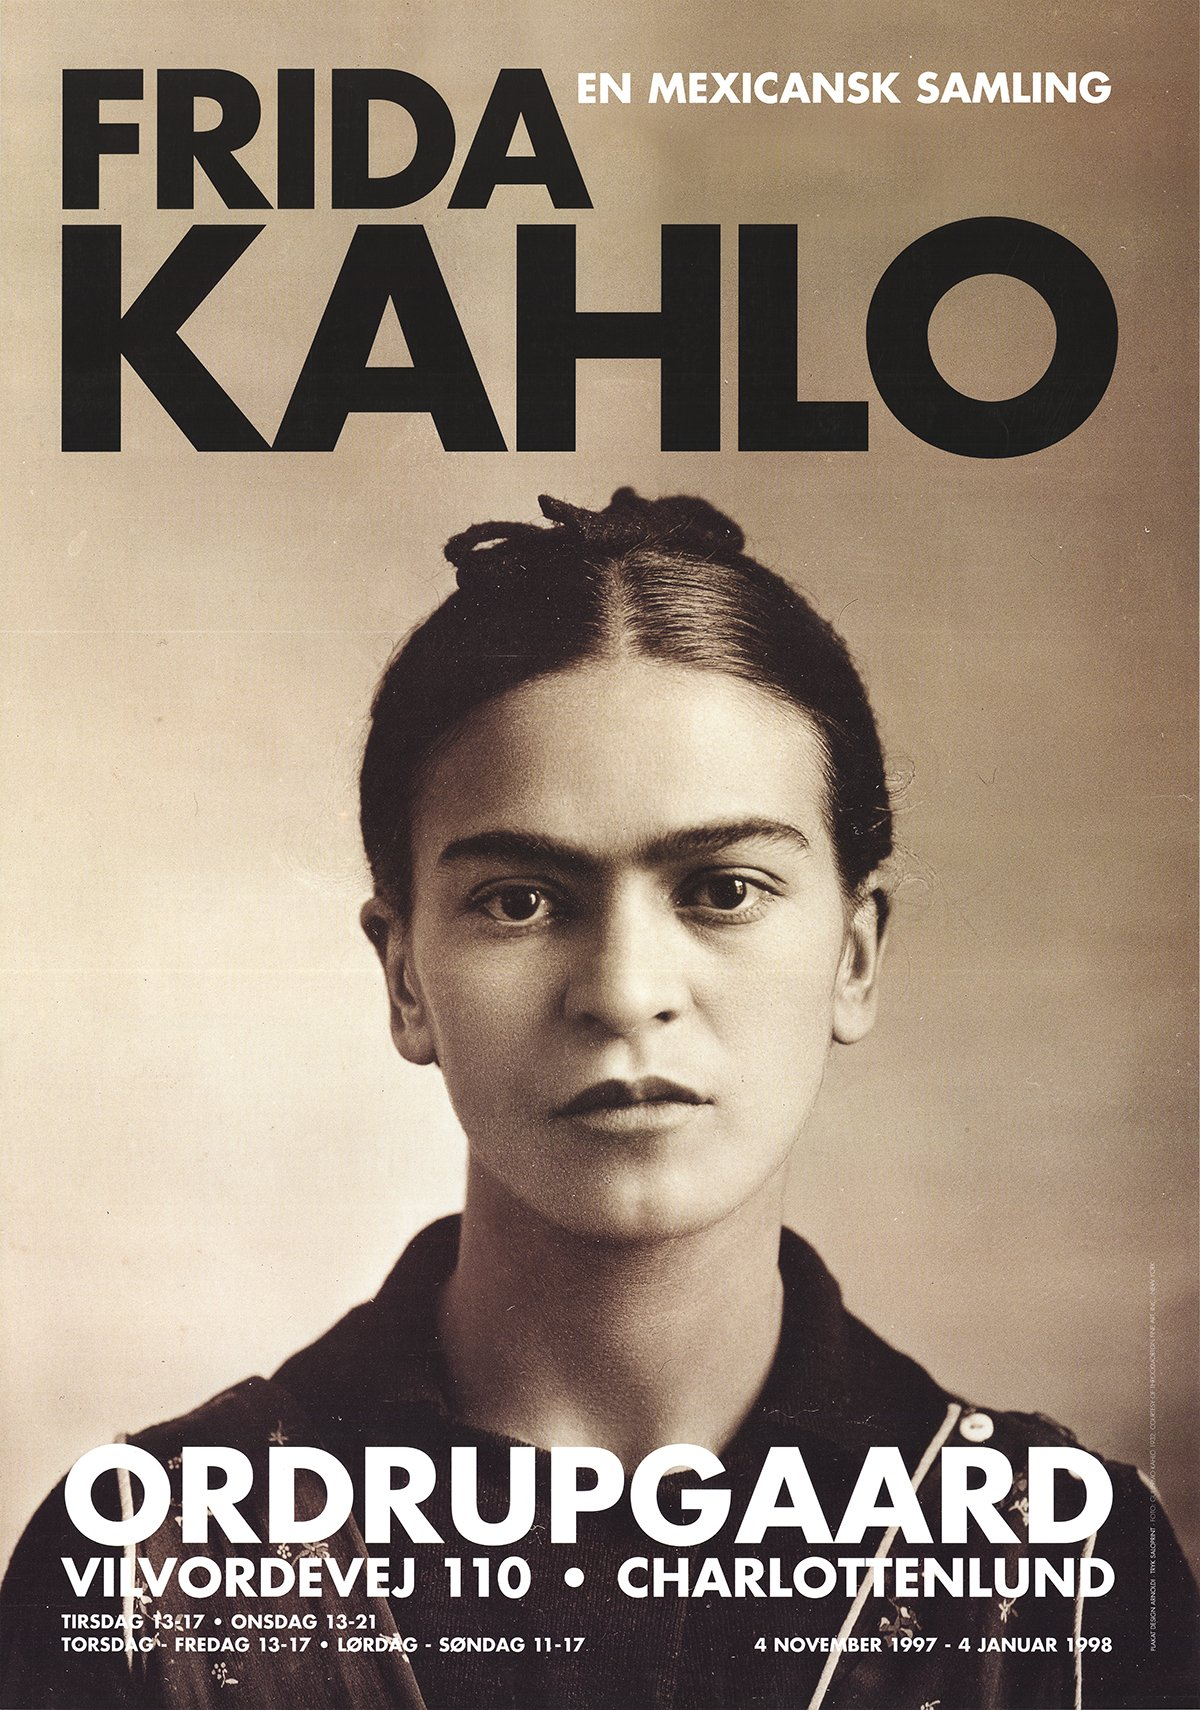 -1997 Poster Guillermo Kahlo-Frida Kahlo 1932